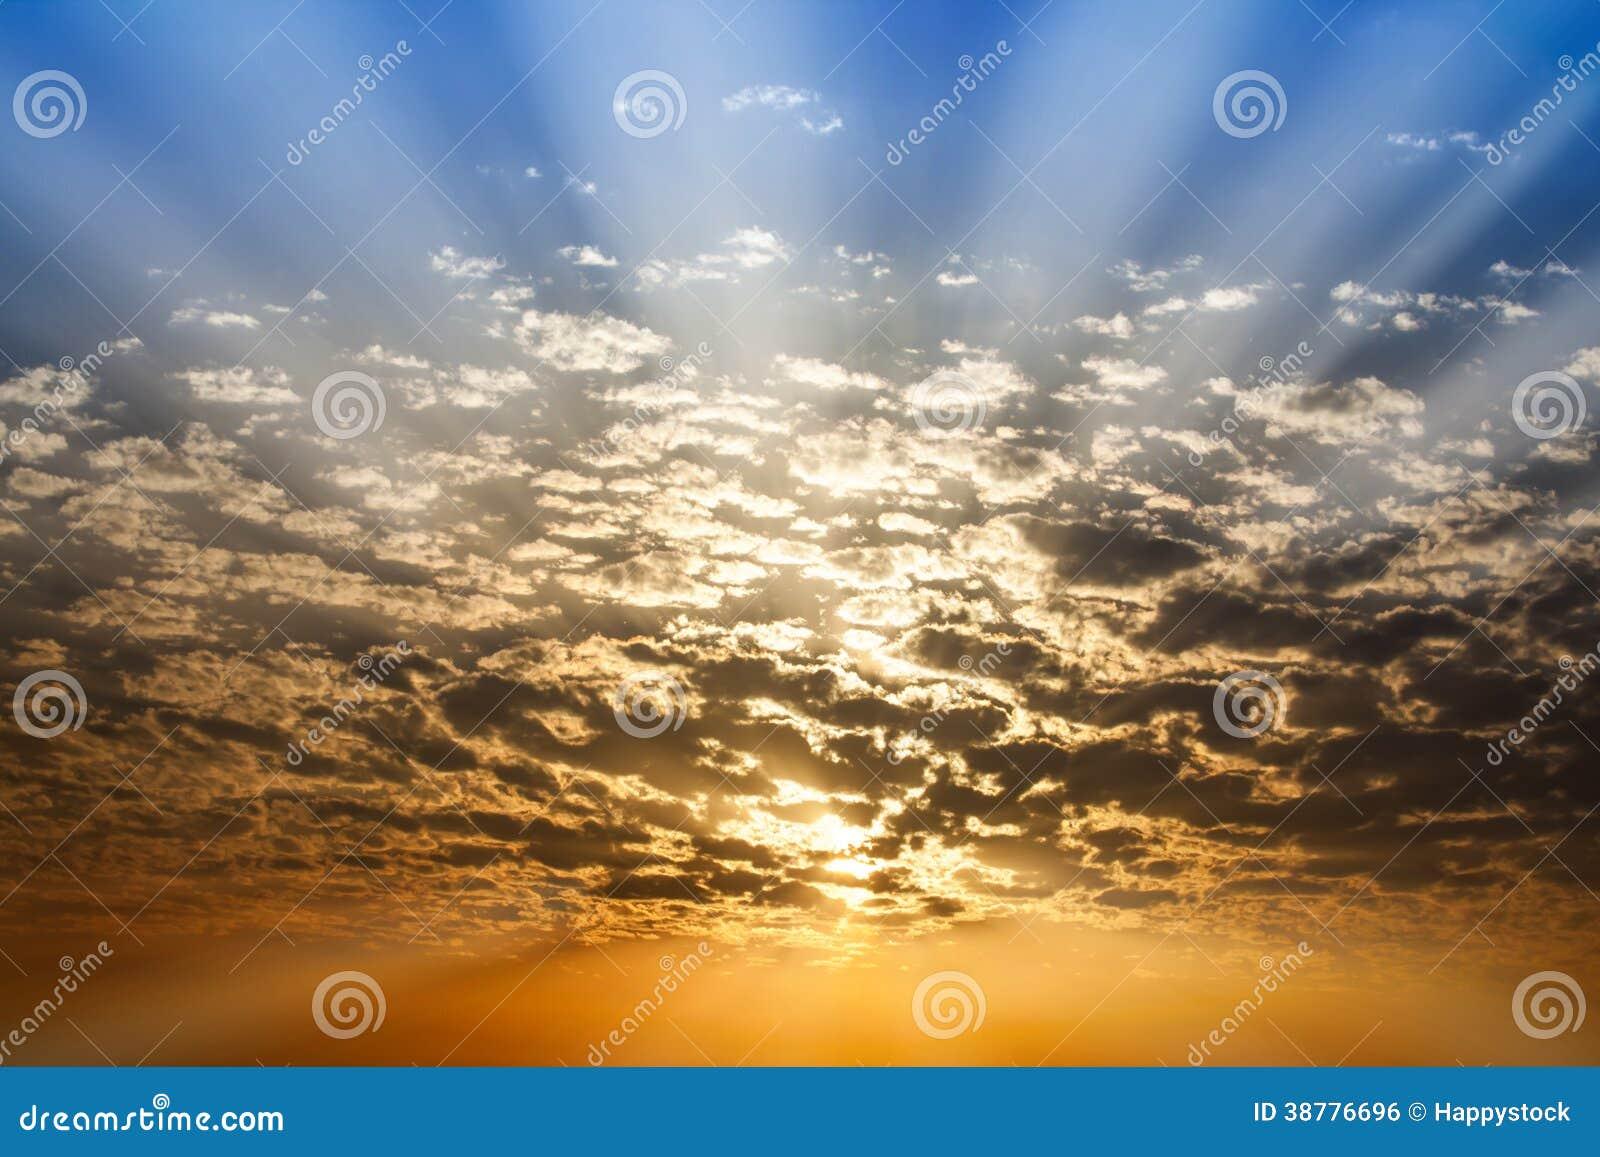 Zonnestraal door wolken blauwe en oranje hemel